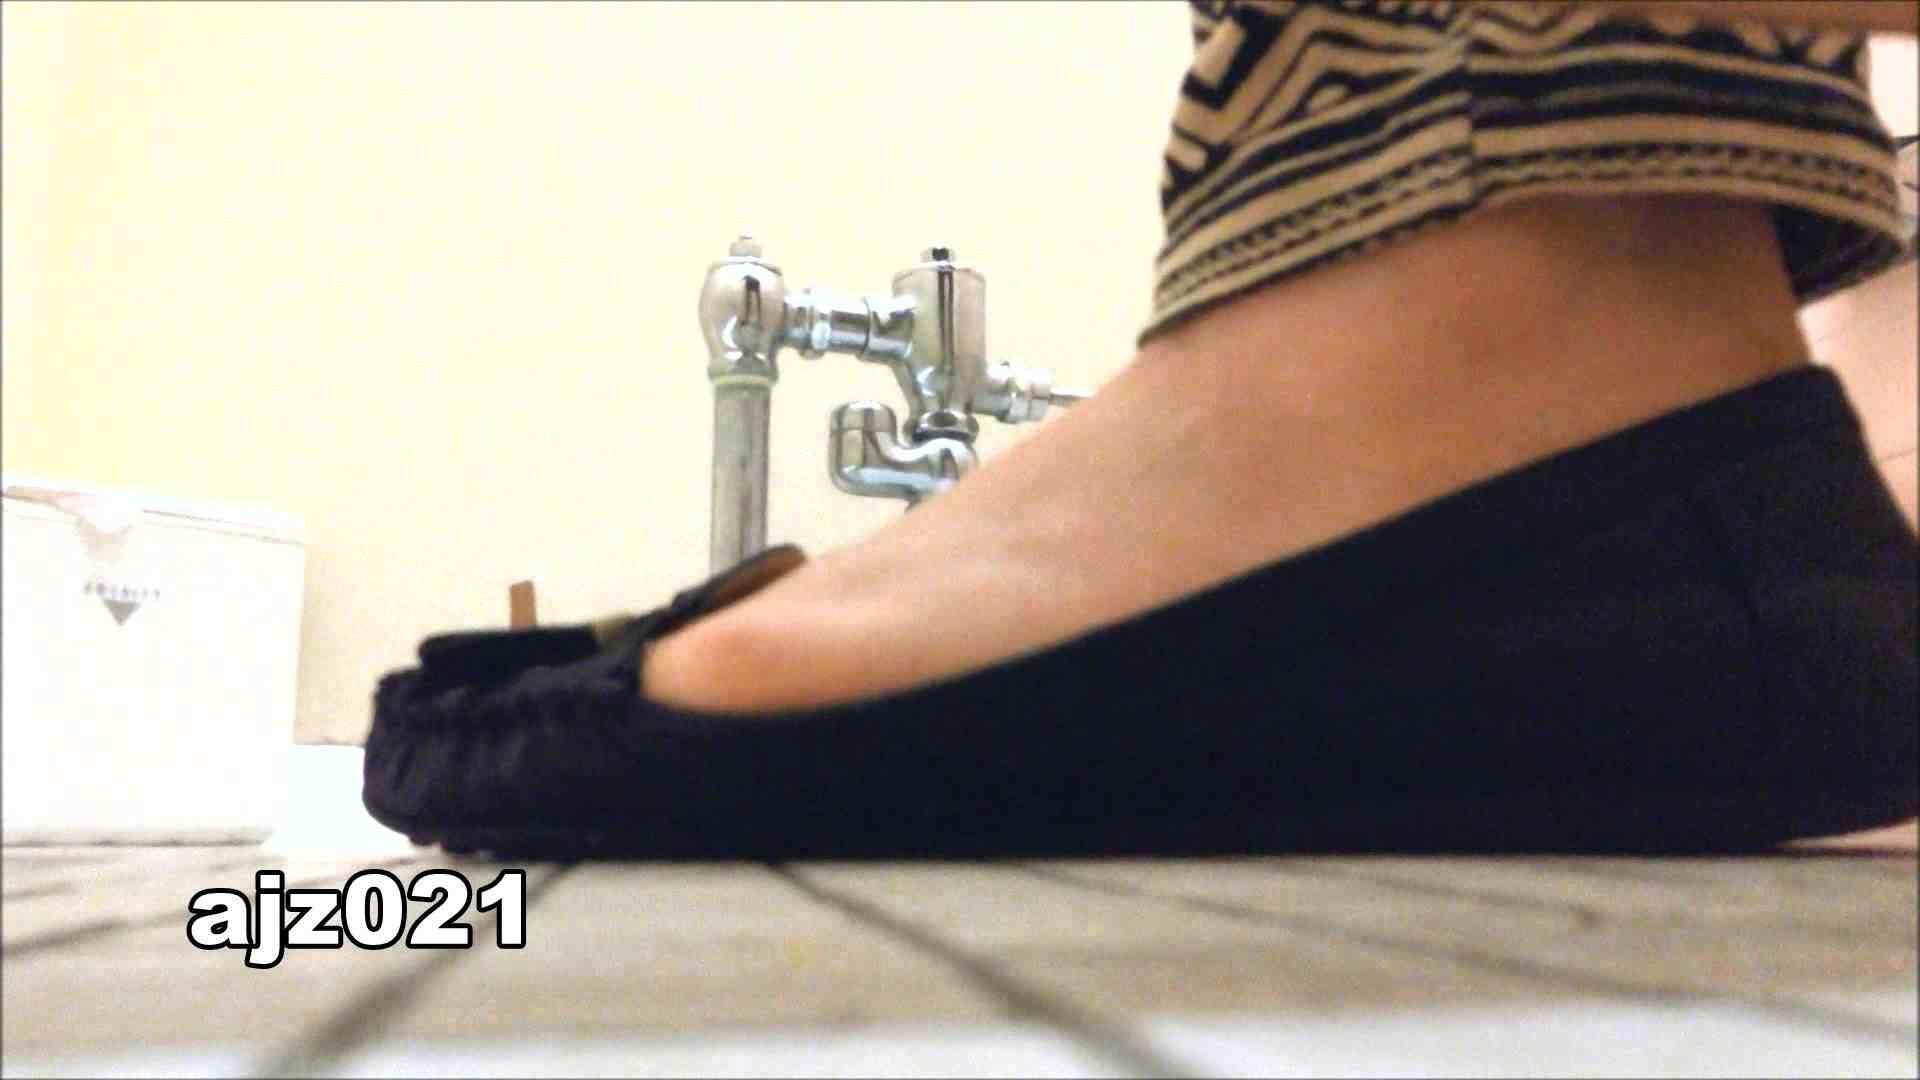 某有名大学女性洗面所 vol.21 和式トイレ すけべAV動画紹介 91pic 11